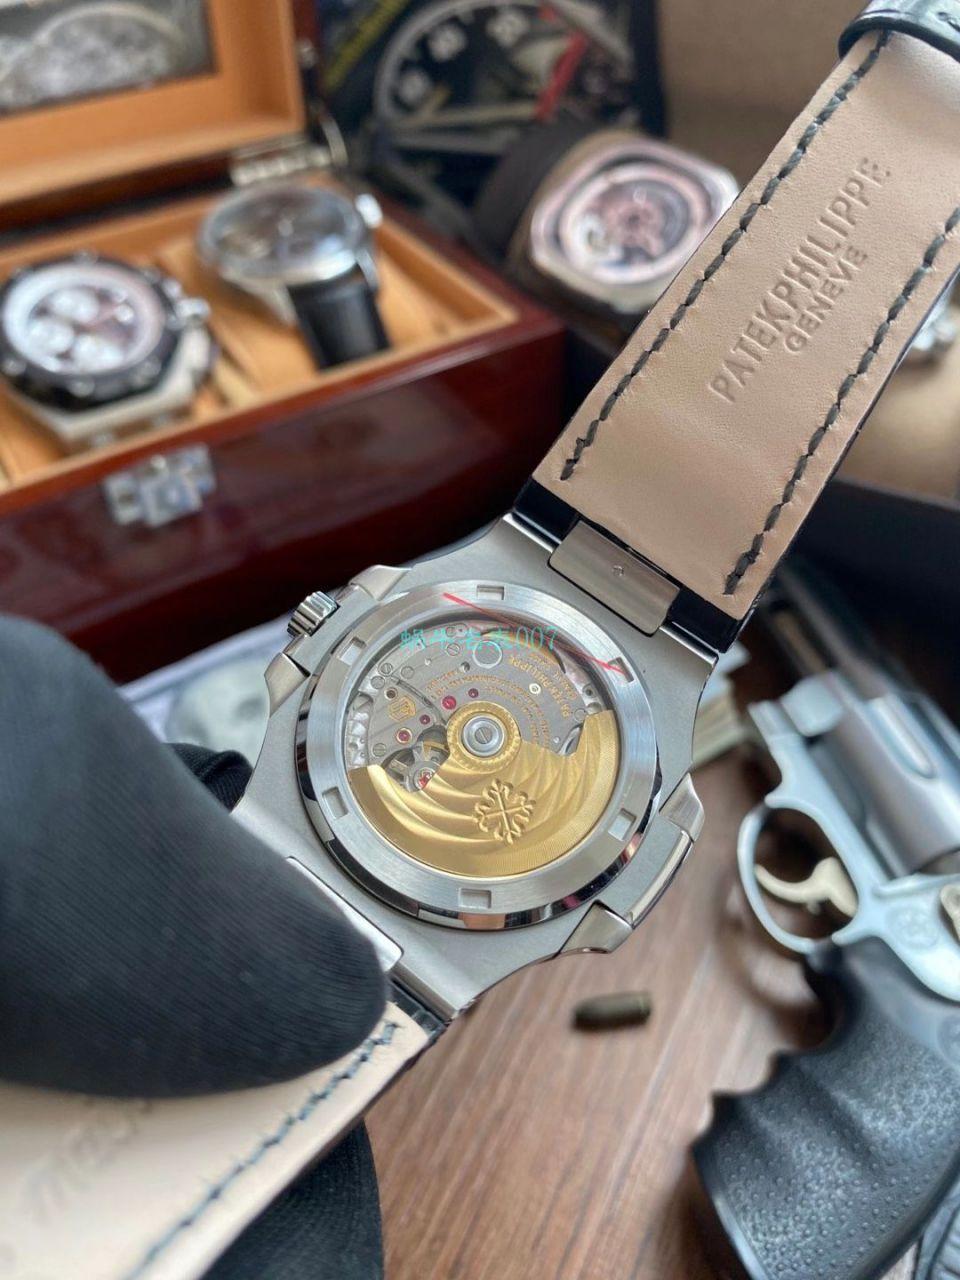 GR厂V2版本1比1顶级复刻手表百达翡丽鹦鹉螺5711/1A-010腕表 / BD352